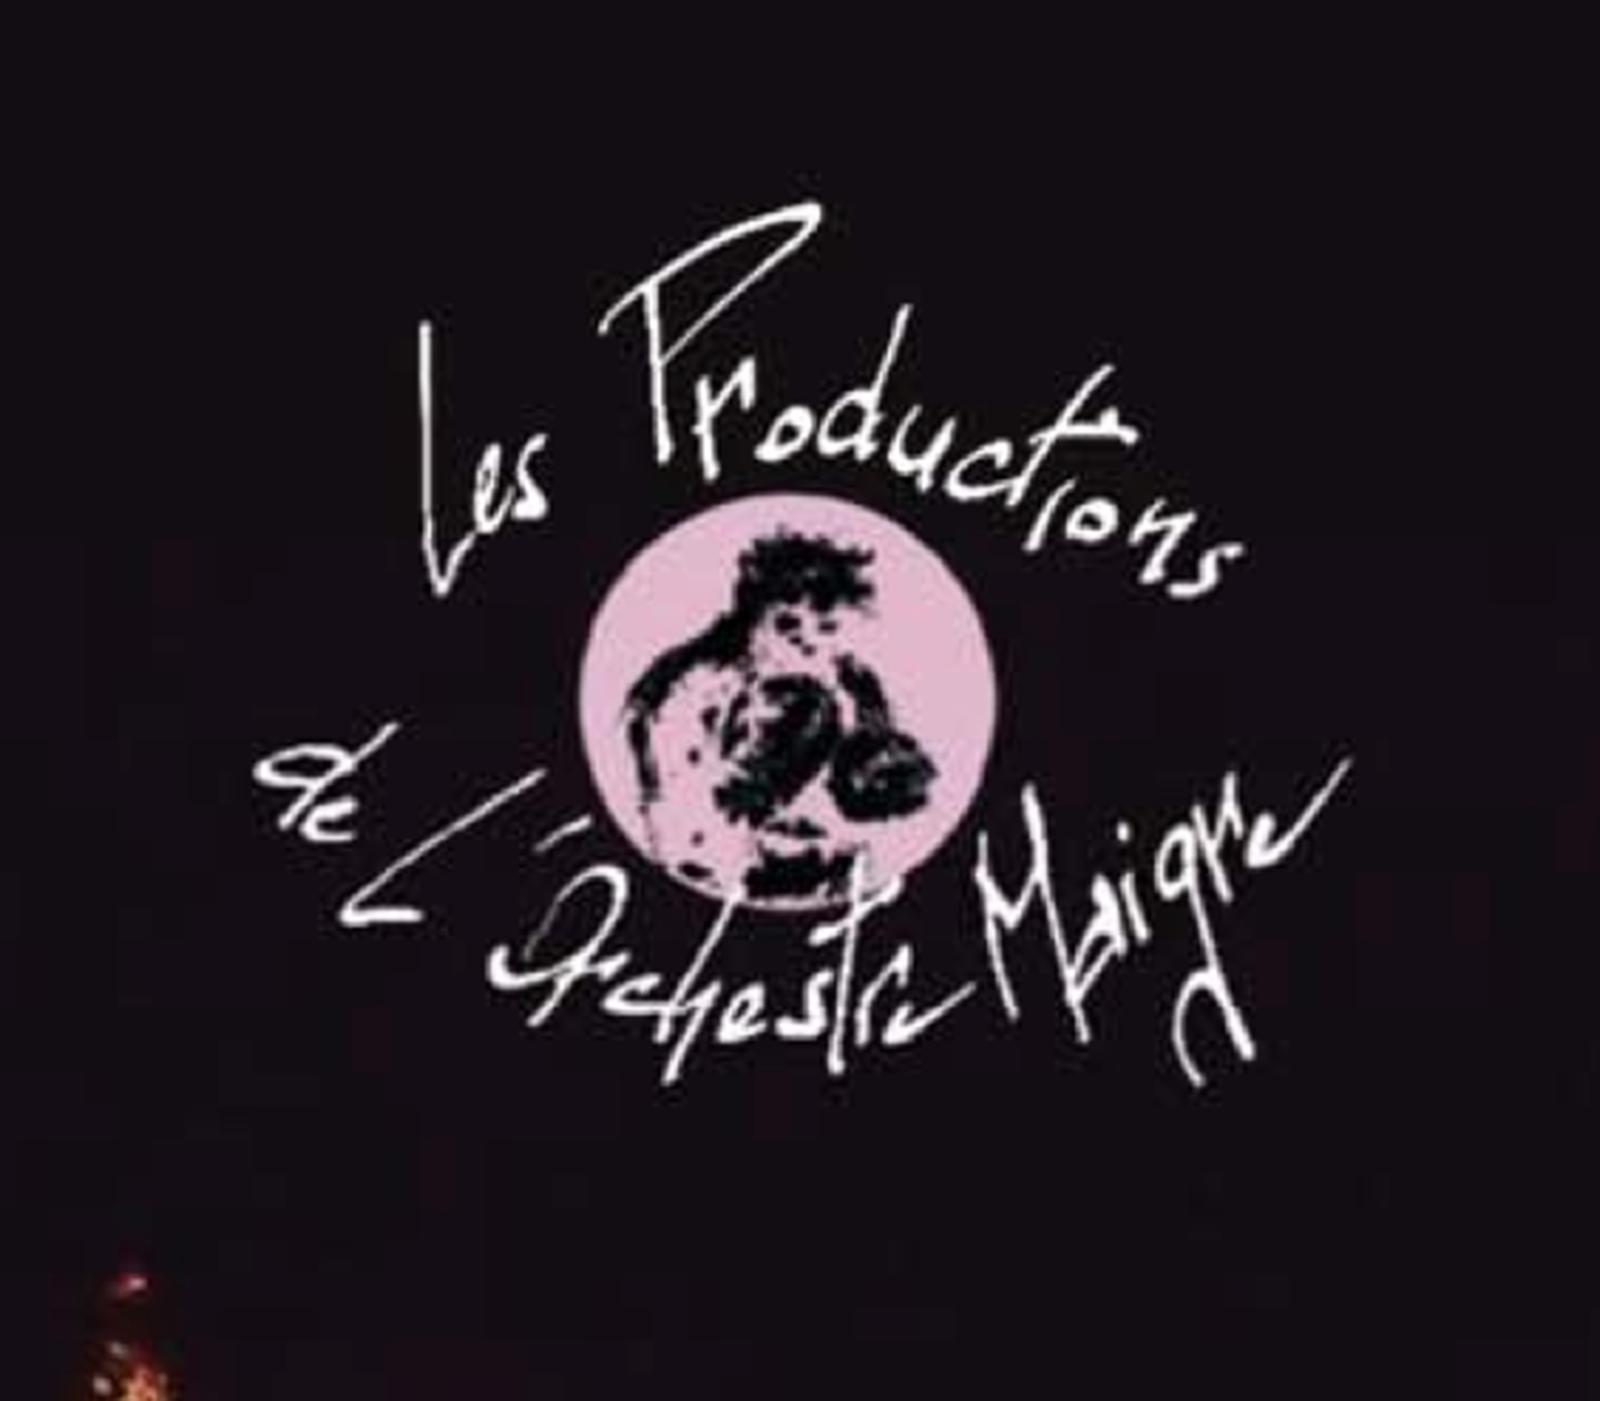 Les Productions de l'Orchestre Maigre